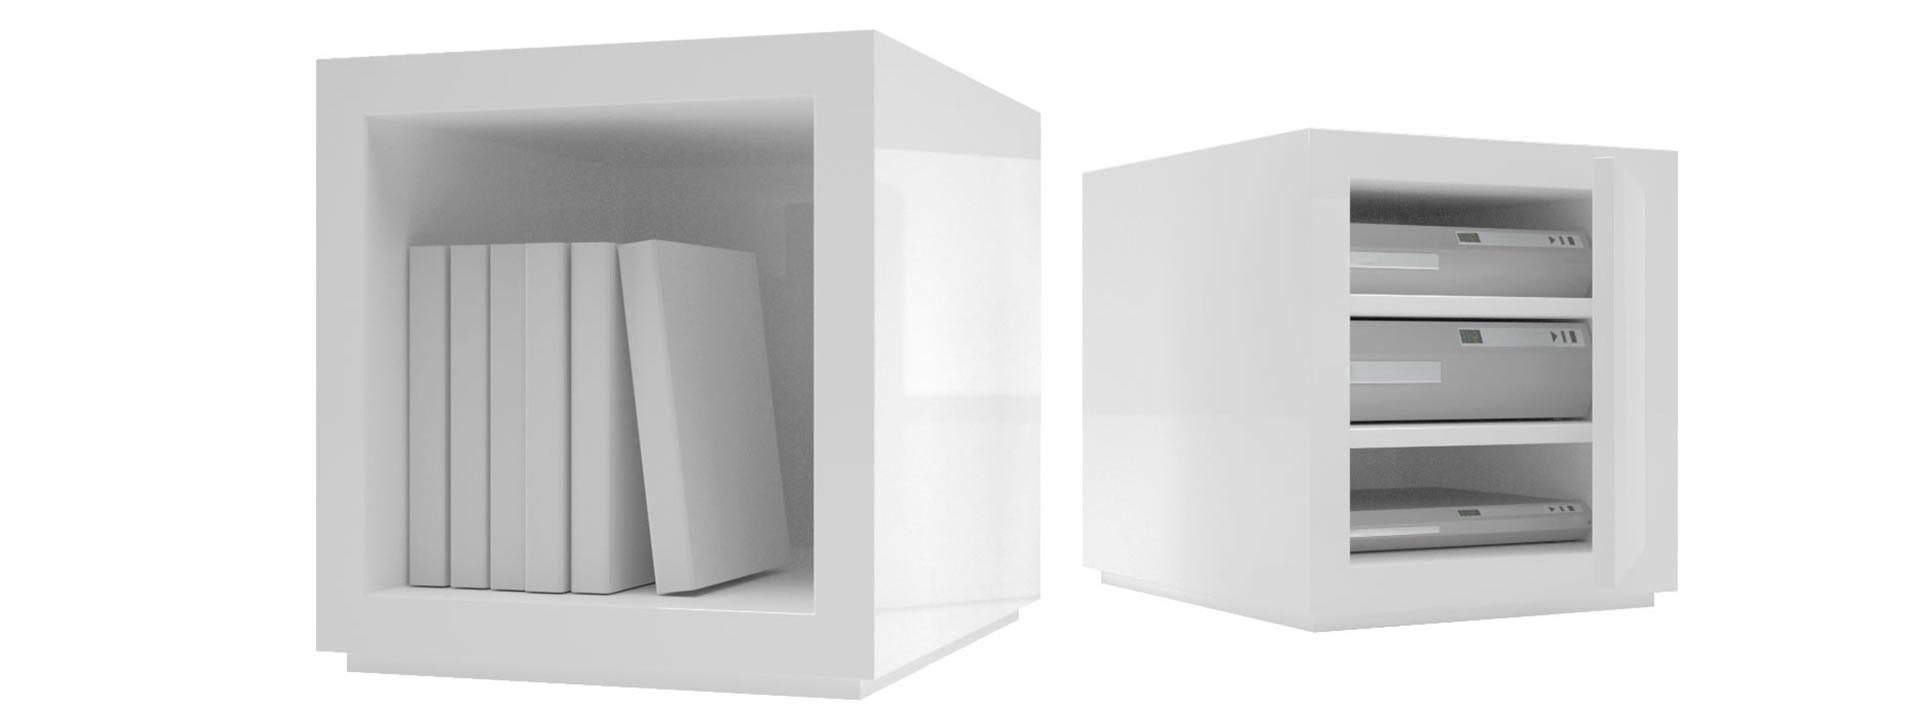 Full Size of Weiß Hochglanz Regal Regalsystem Lectulus Quadratische Design Wrfel Von Wand Tiefes Blu Ray Für Kleidung Bett 90x200 Mit Schubladen Esstisch Oval Cd Weißes Regal Weiß Hochglanz Regal